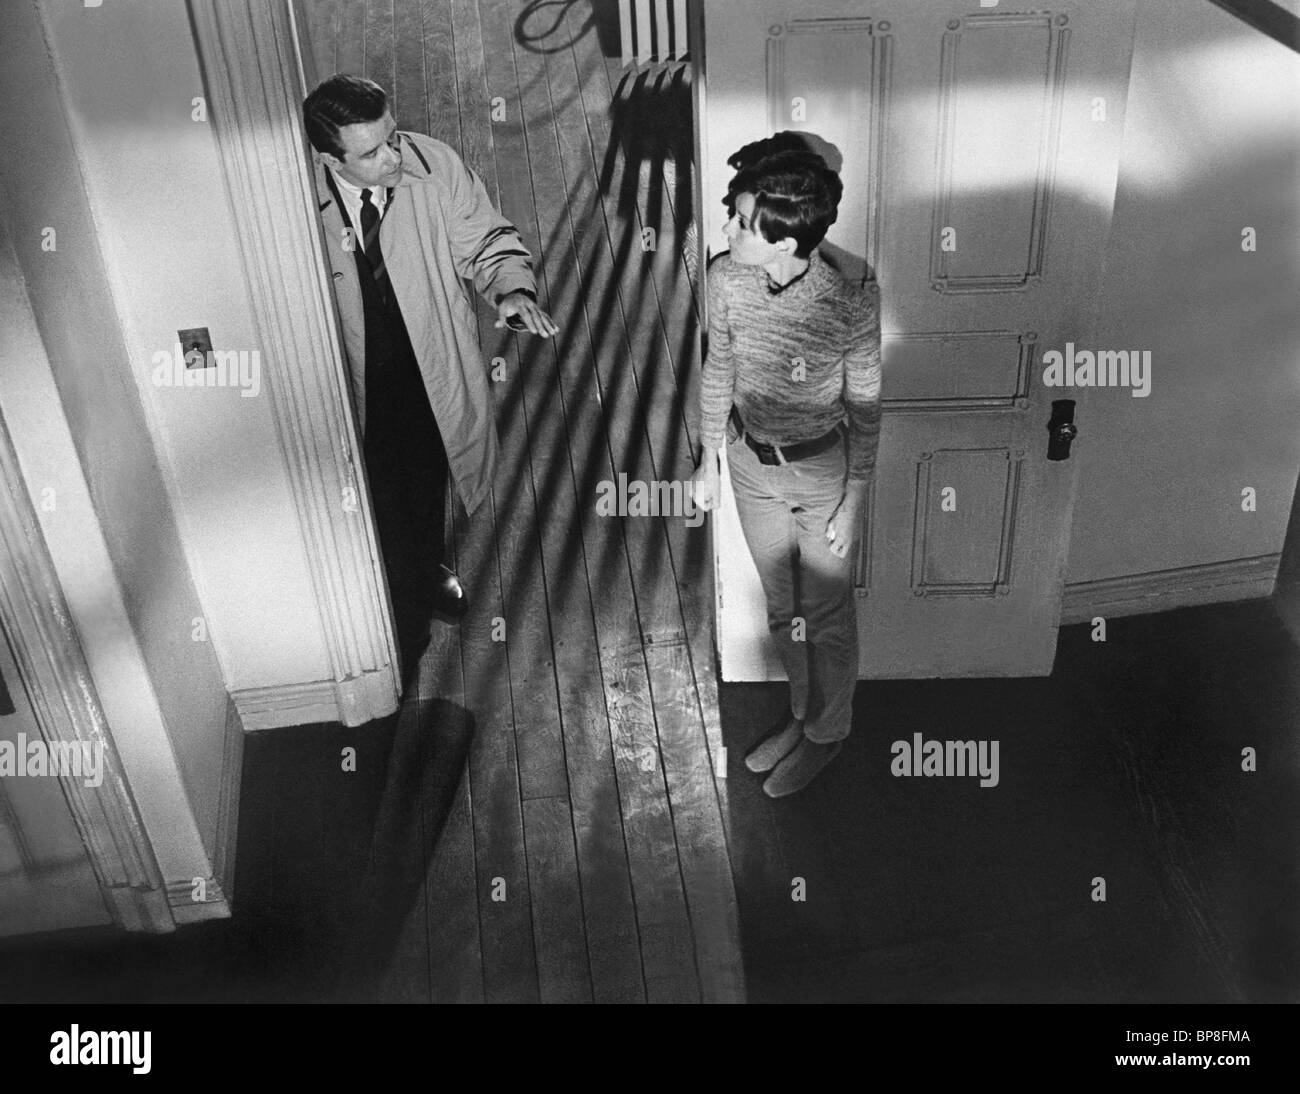 RICHARD CRENNA, AUDREY HEPBURN, WAIT UNTIL DARK, 1967 - Stock Image